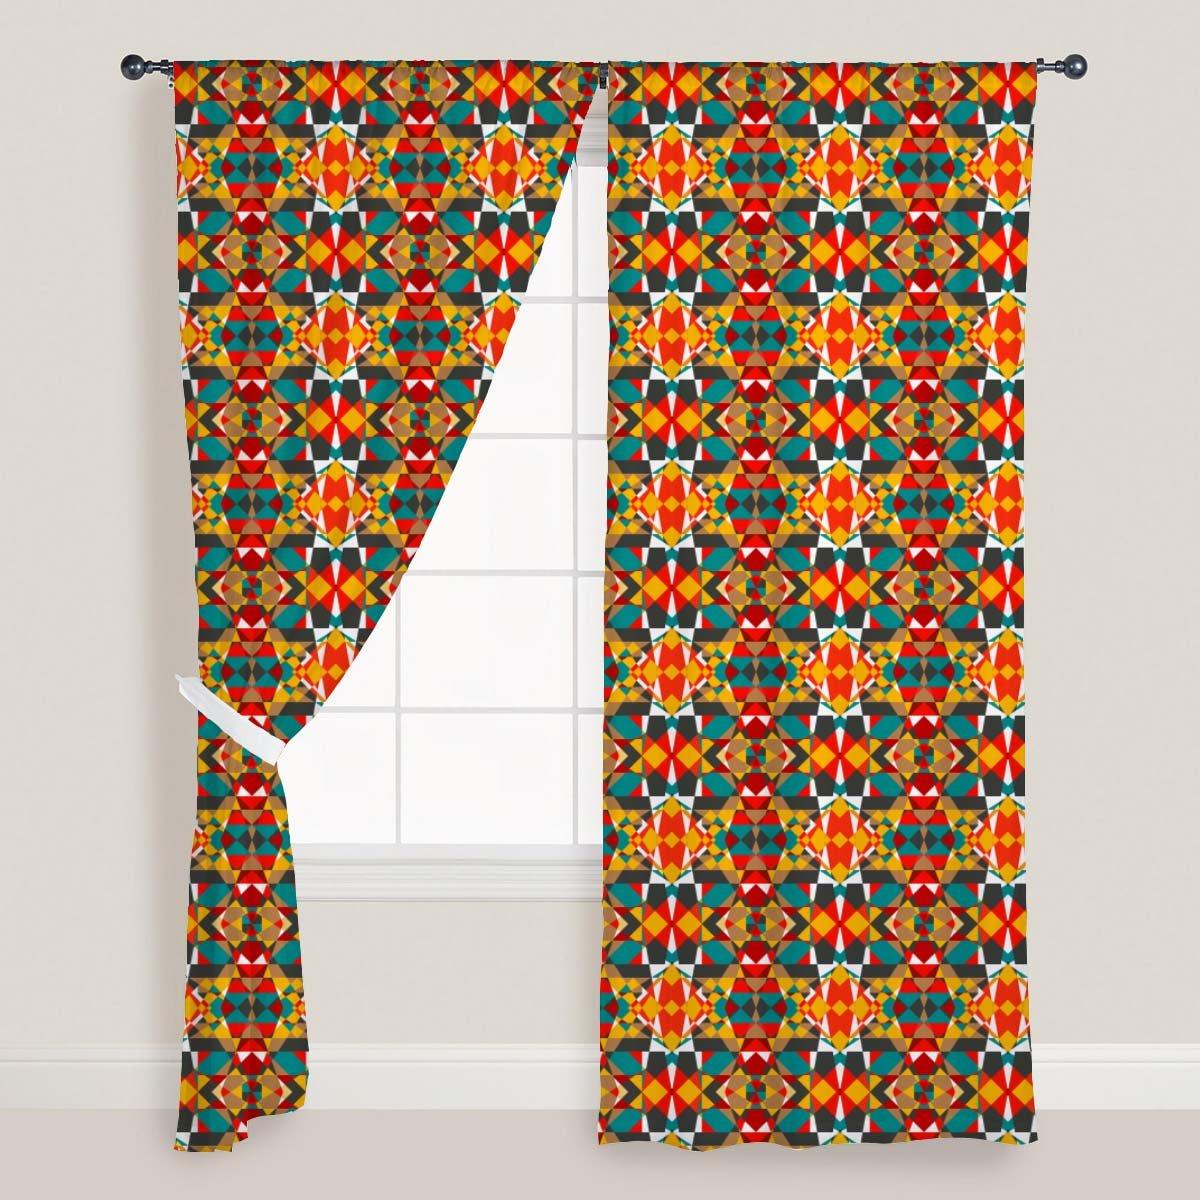 AZ Tribal Art Door & Window Curtain Satin 4feet x 6feet; SET OF 3 PCS